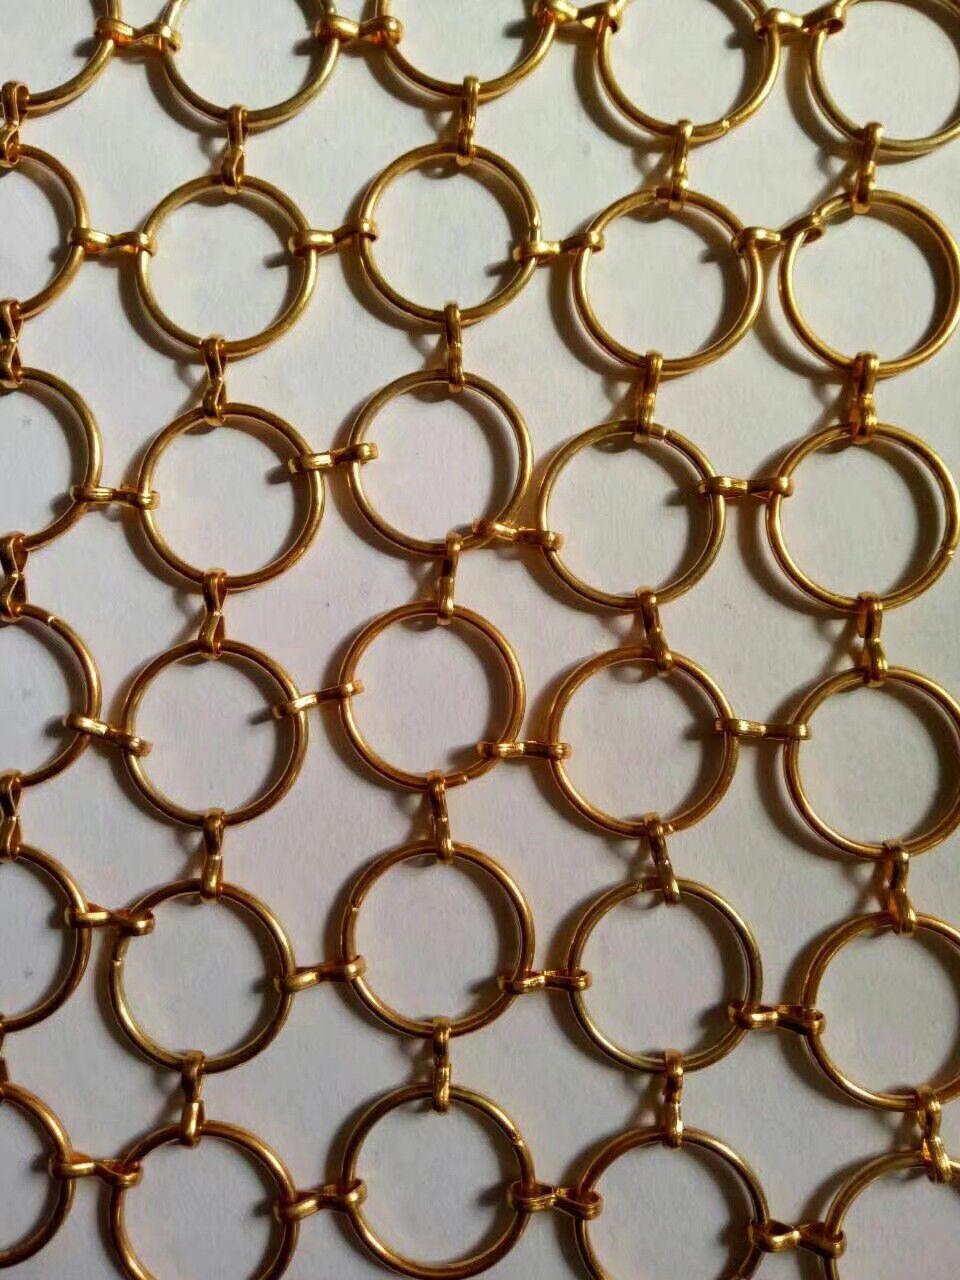 安平厂家直销金属圆环隔断网帘不锈钢金属环网装饰帘